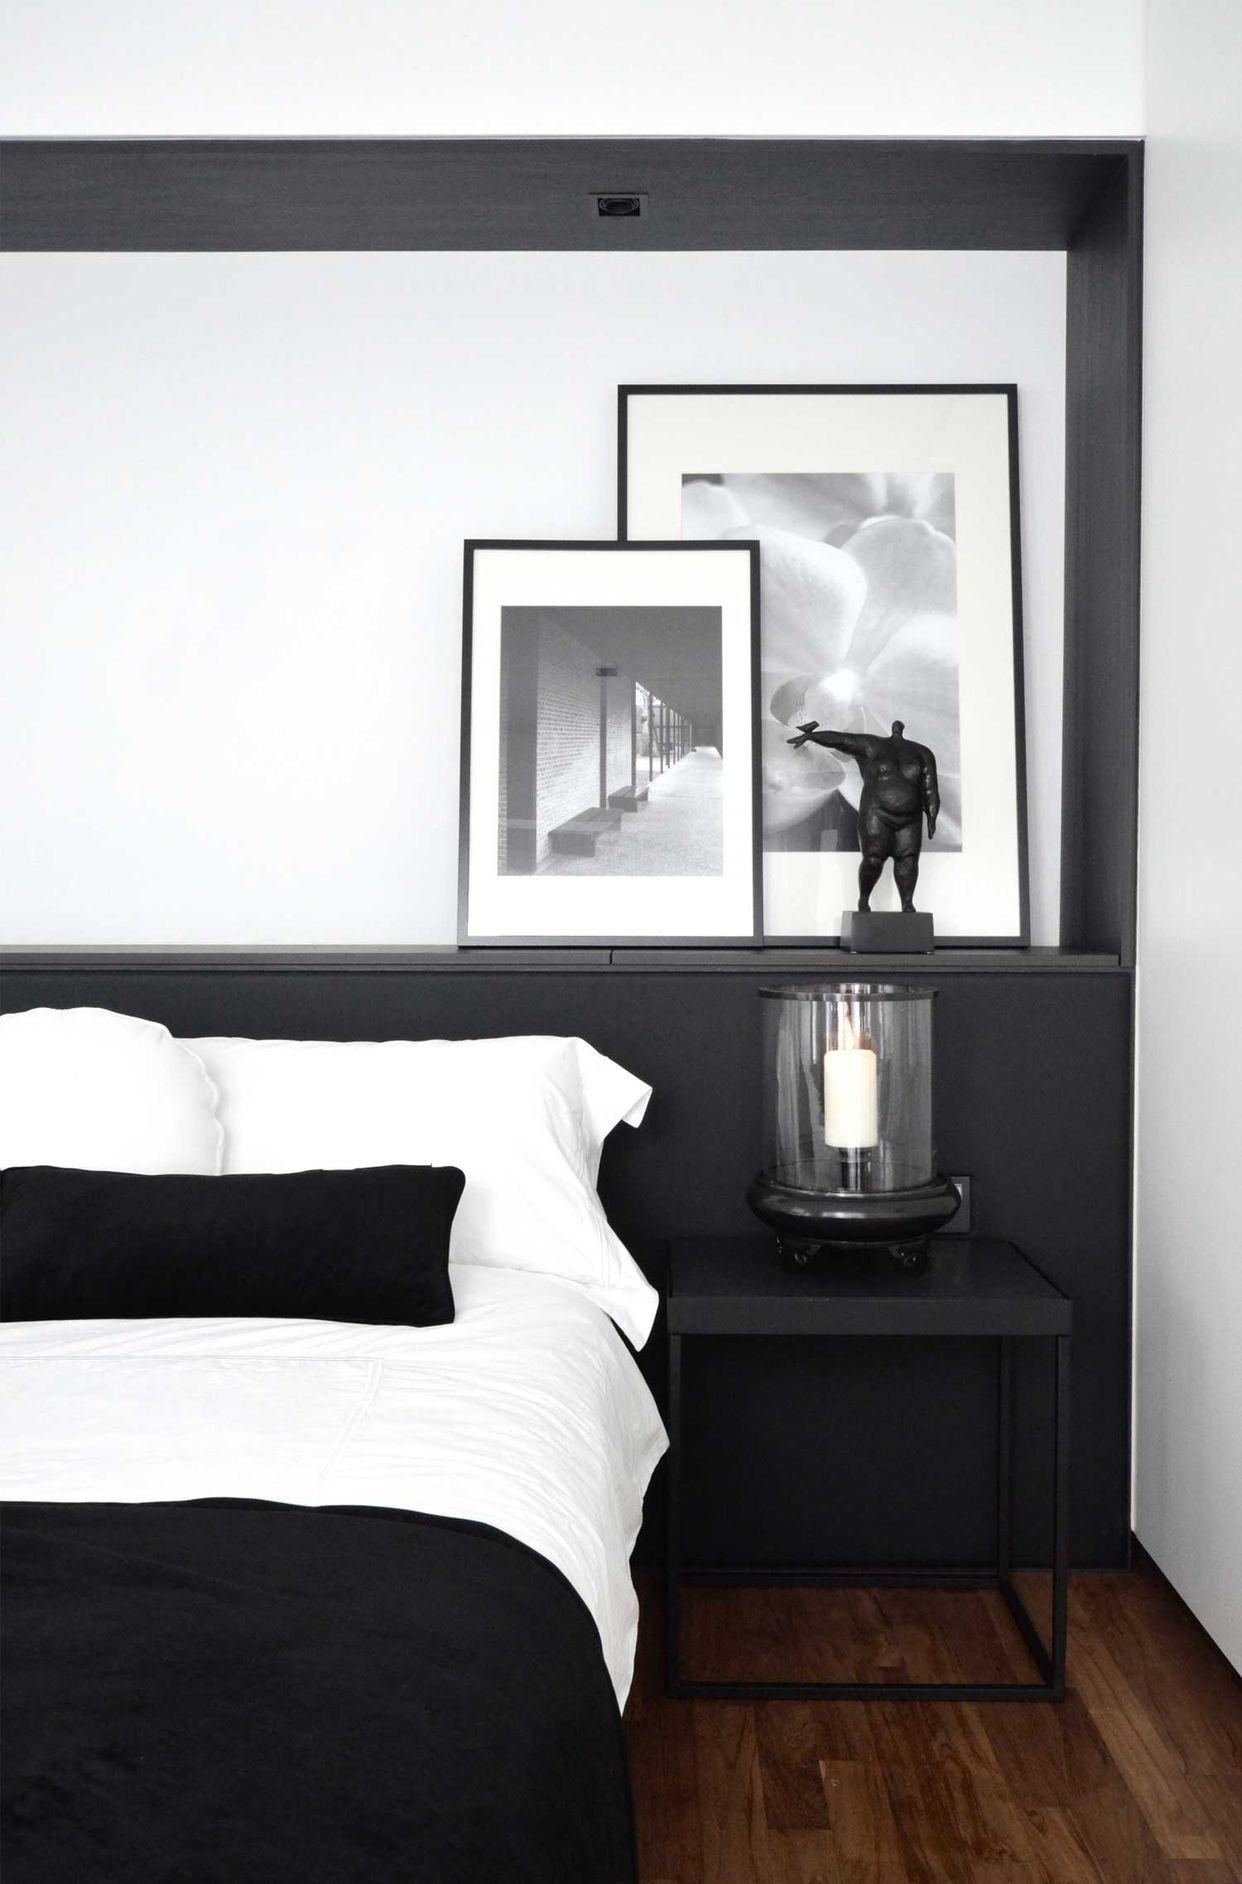 Luxus schlafzimmer schwarz weiß  Pin von Adaiah Jade auf new room   Pinterest   Schlafzimmer